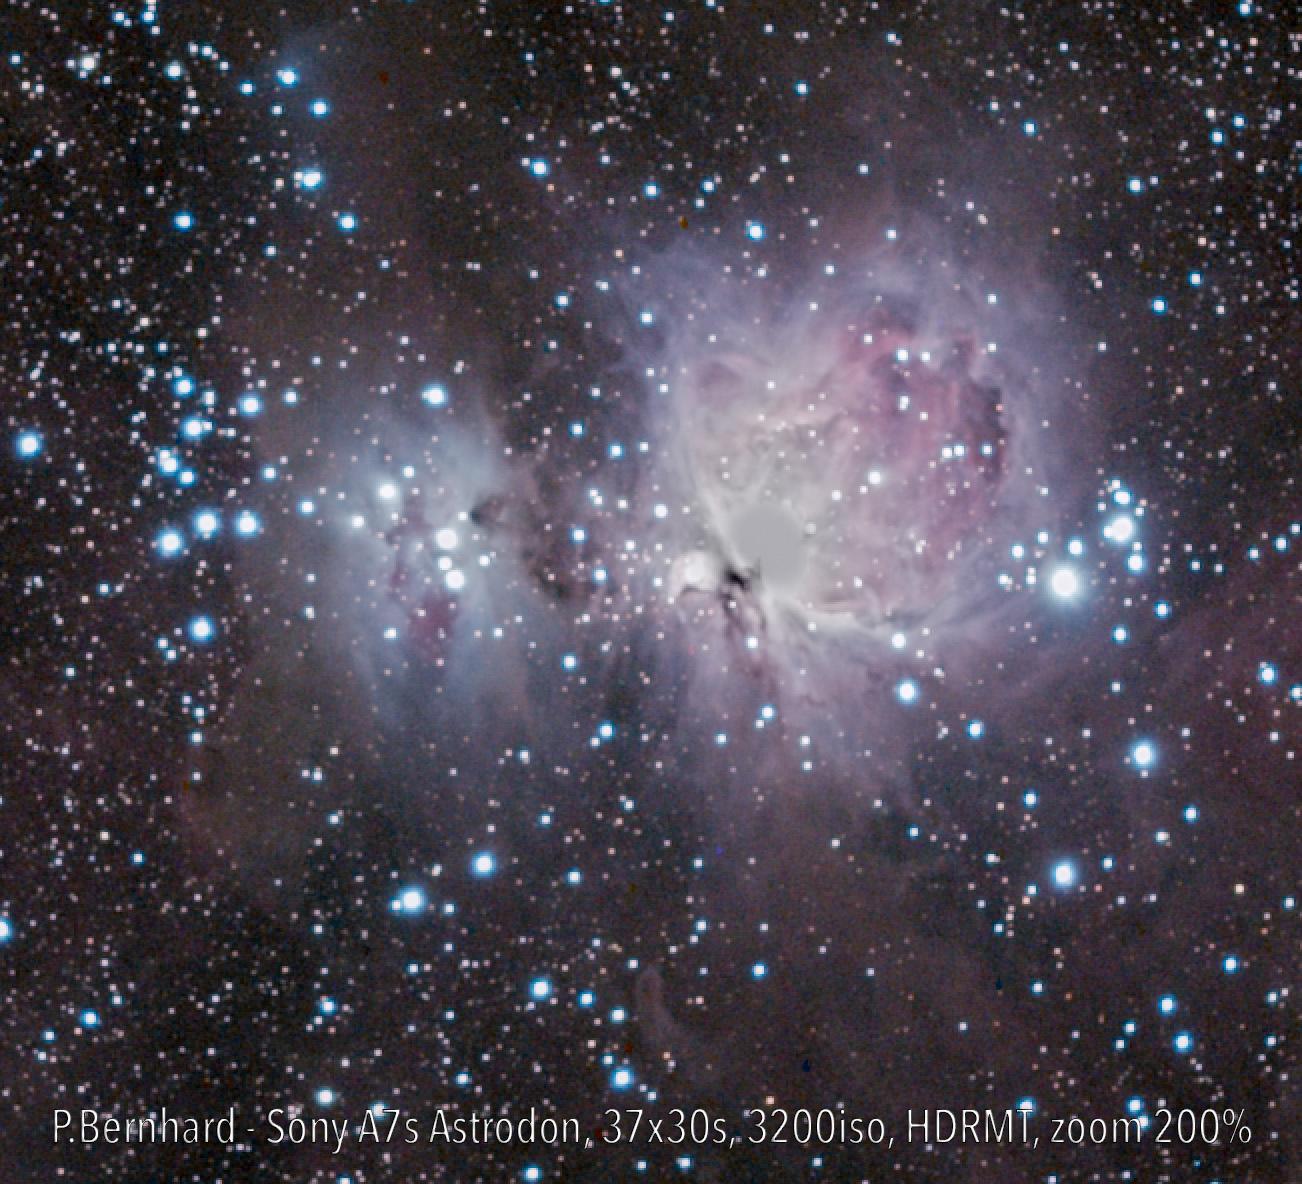 M42_A7s_37x30s.jpg.1e08e79510014133b79b4892b1a13506.jpg